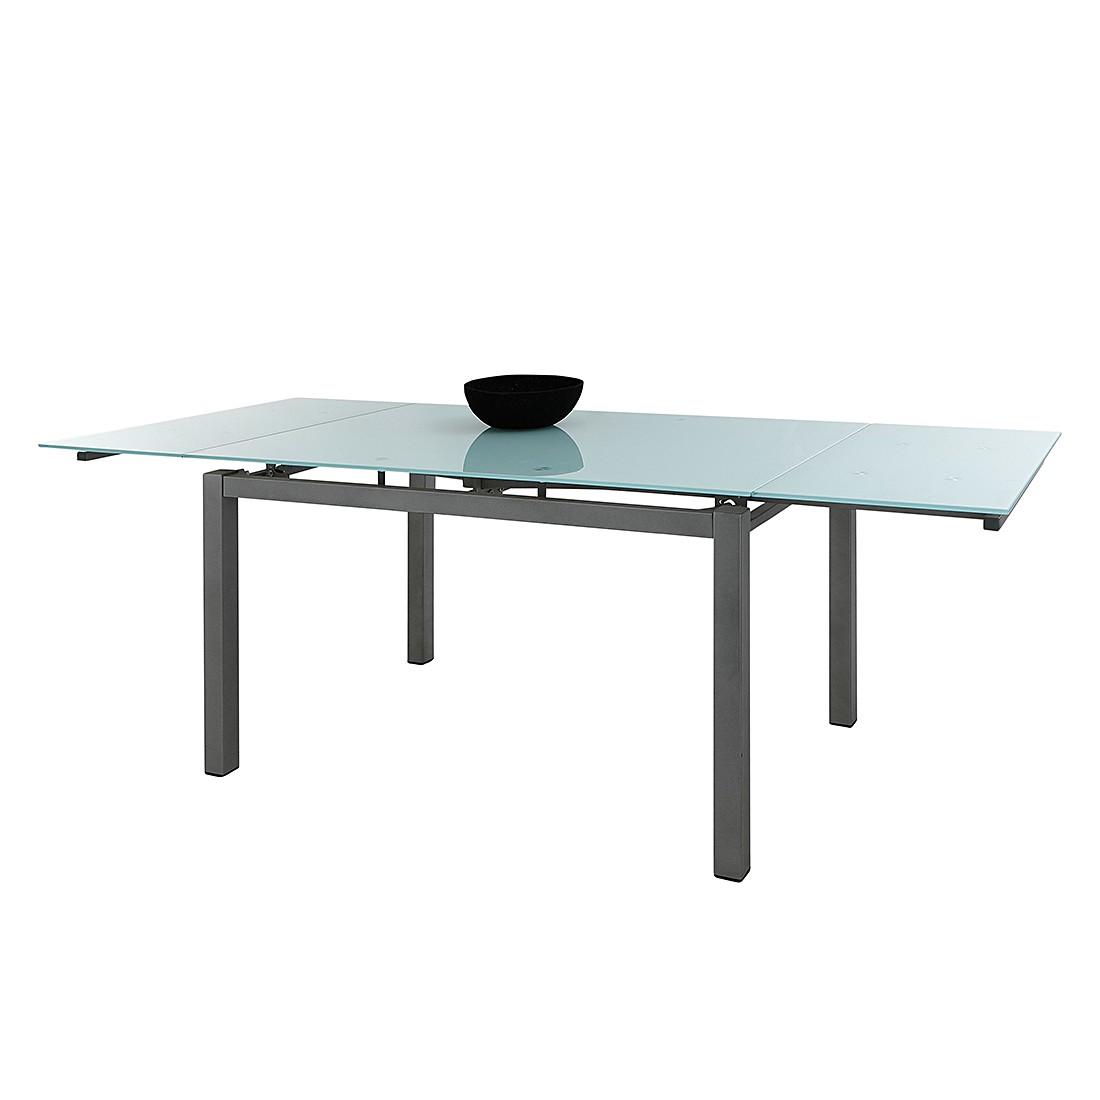 Eettafel Borna Uitschuifbaar Wit Glas Home Design kopen